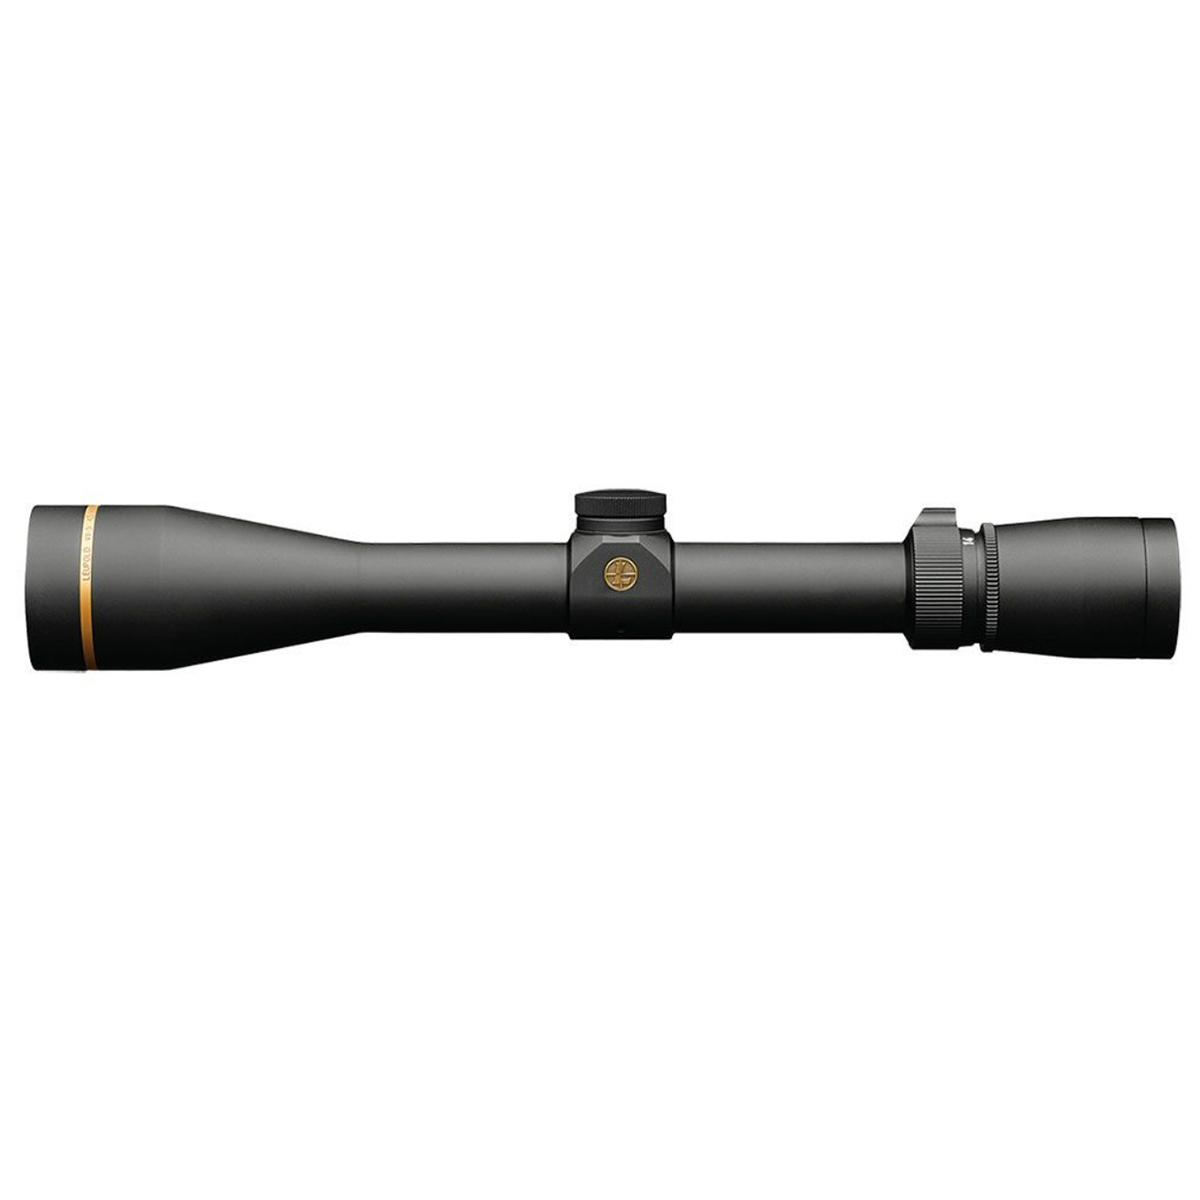 Leupold VX-3i 4.5-14x40mm Duplex Reticle